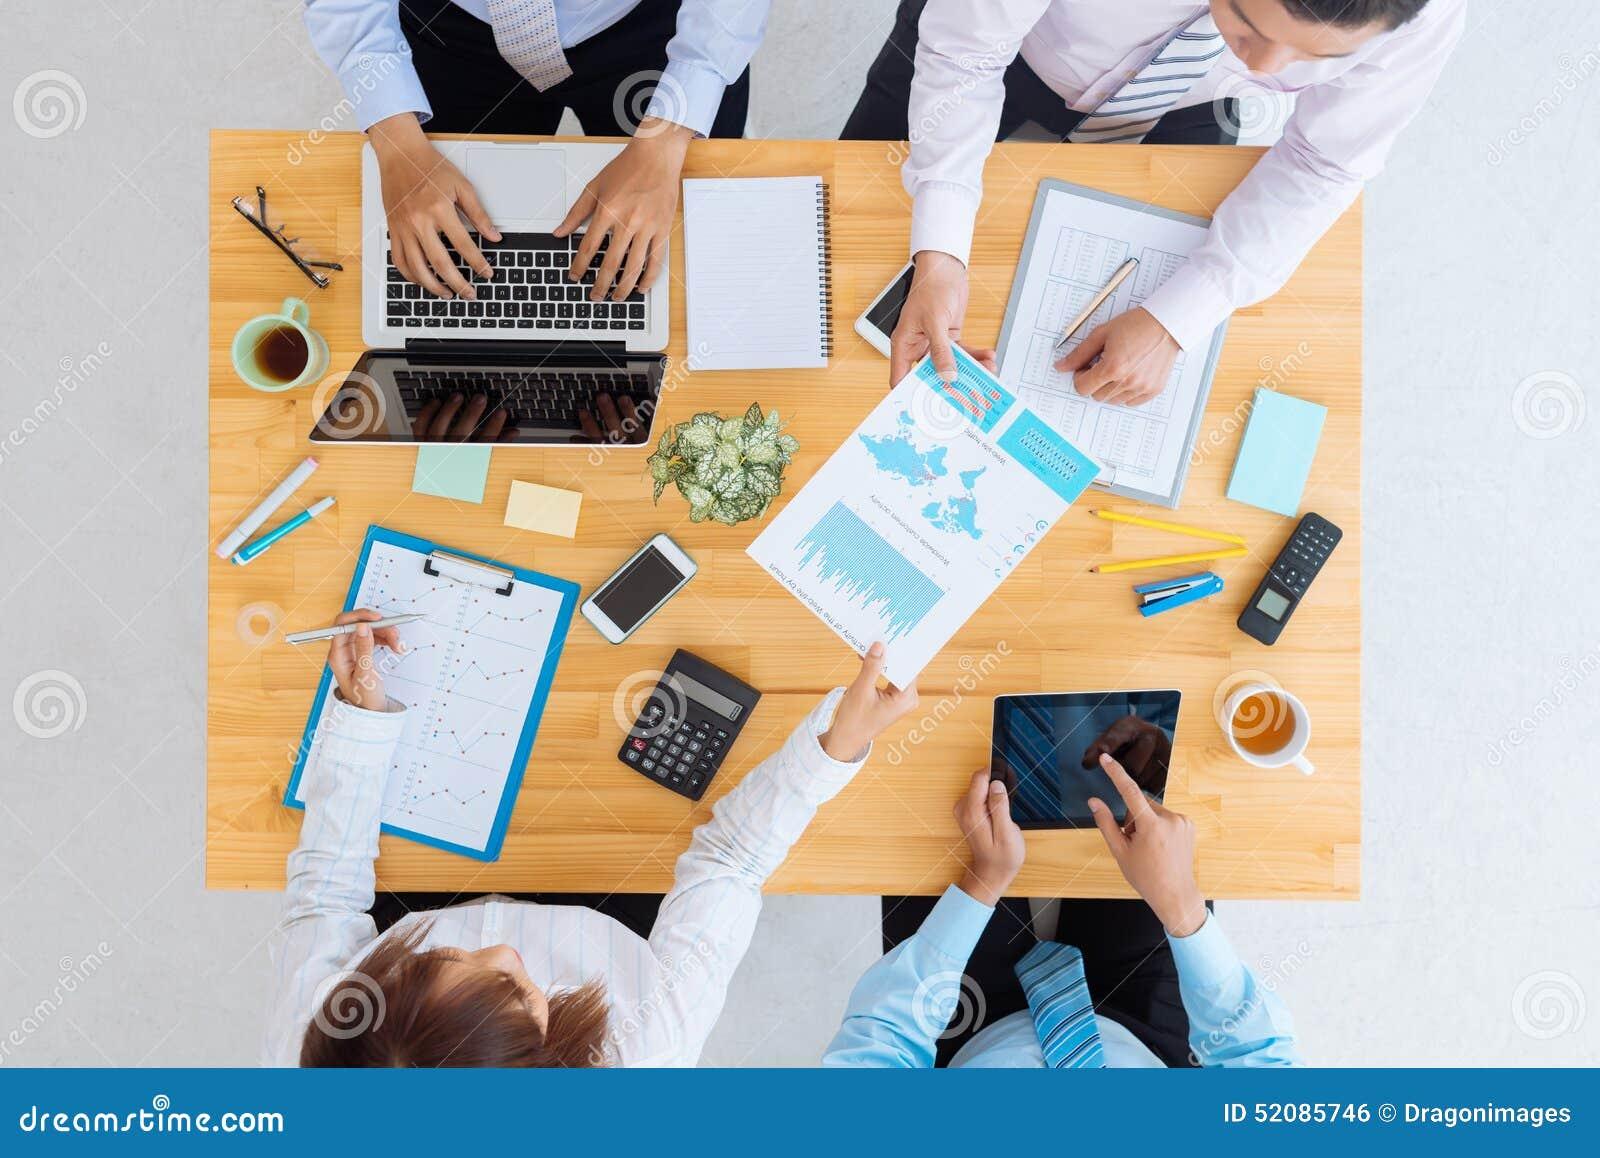 Lächelnder Geschäftsmann unter Verwendung des Laptop cmputer am Schreibtisch und Unterhaltung mit einer Frau